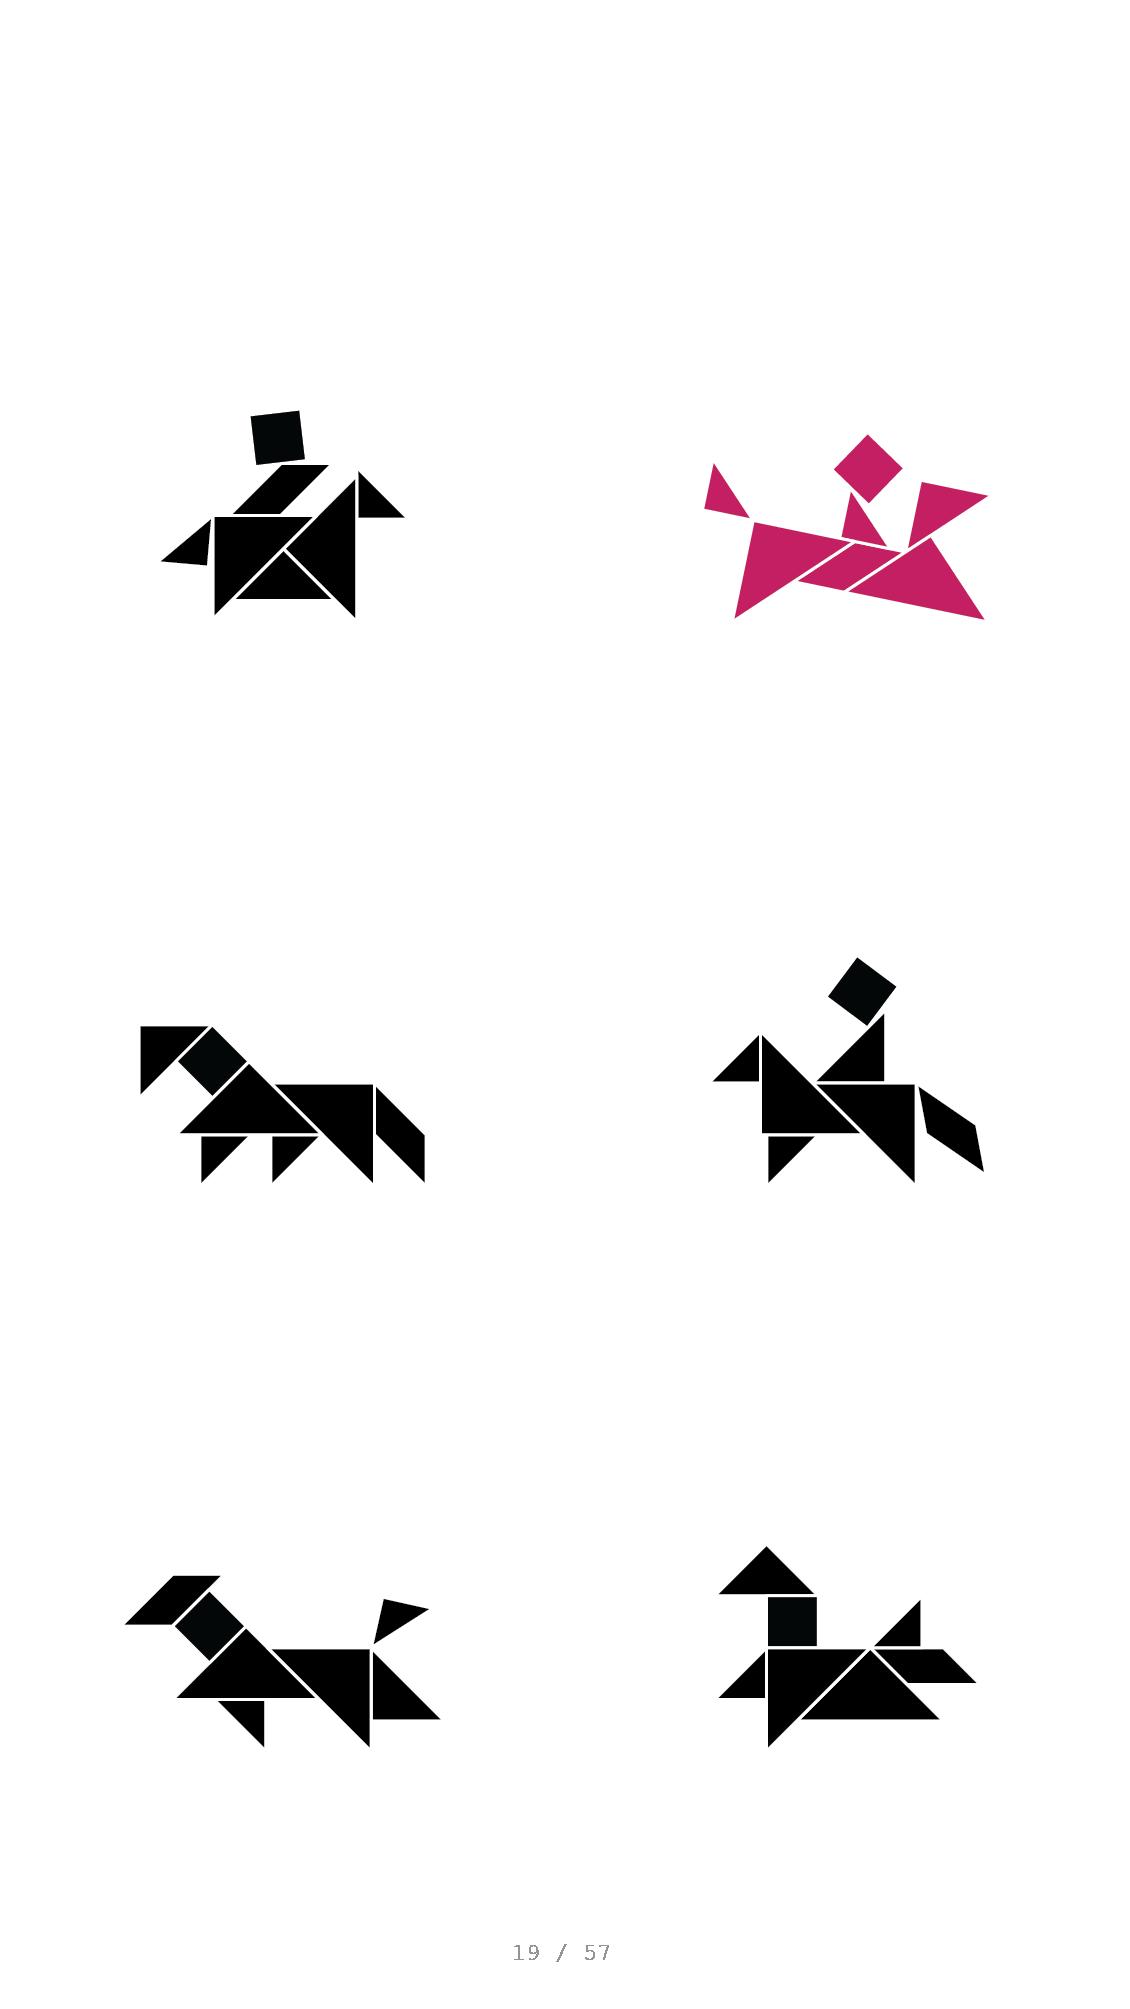 Tangram_Layout_2x3_schwarz-19